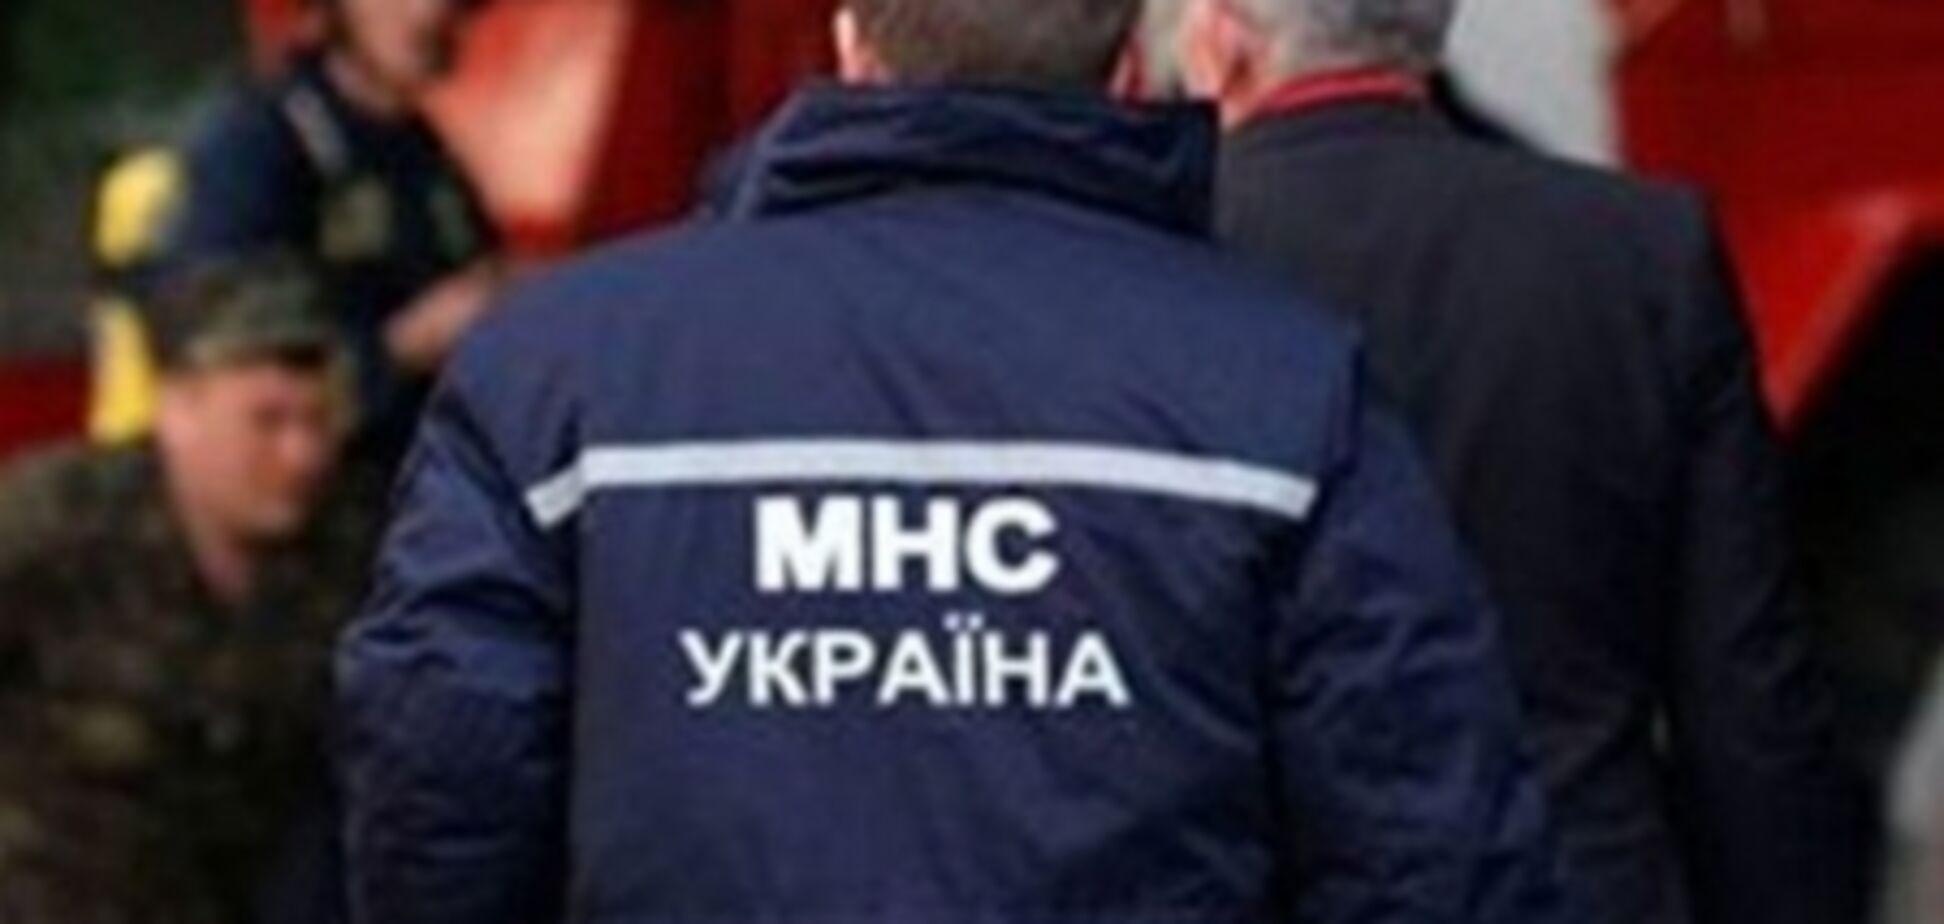 ЗМІ: у Мелітополі підірвали екс-міліціонера, прокуратура розпочала слідство